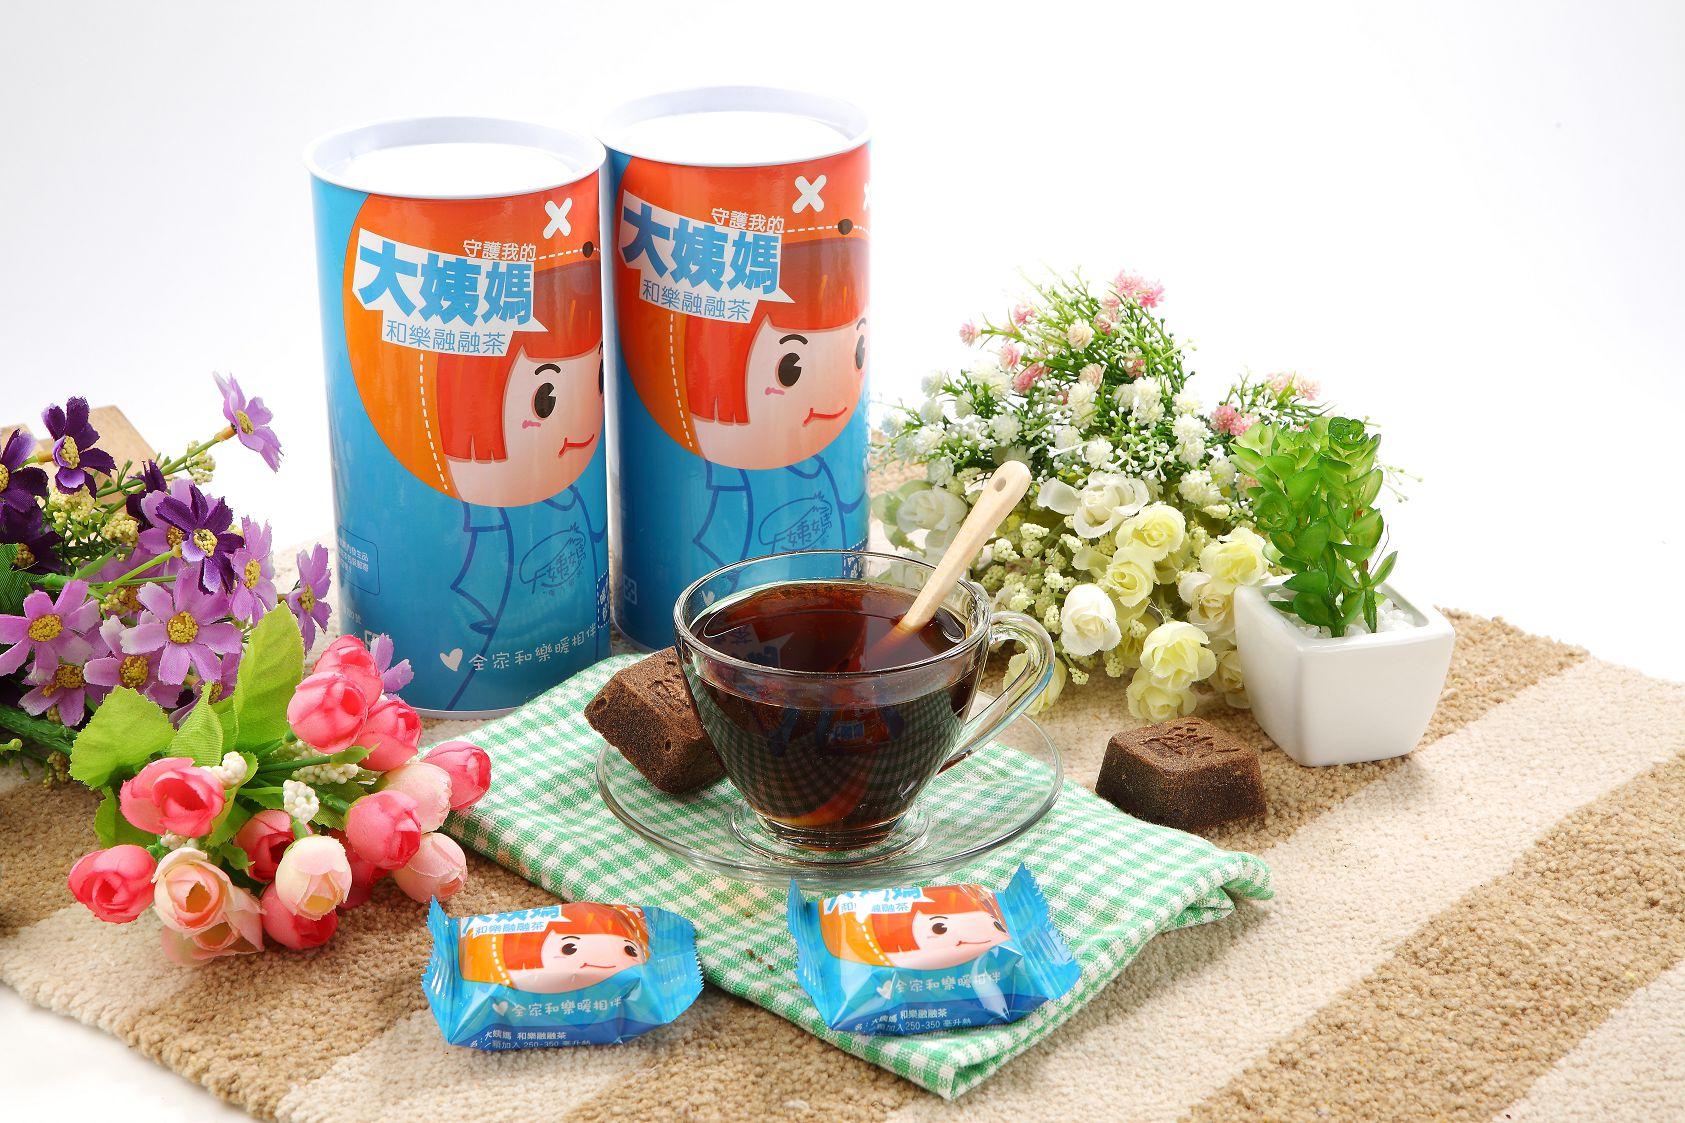 大姨媽/黑糖飲/薑母茶/四物茶/菊花茶/桂花茶/紅棗茶